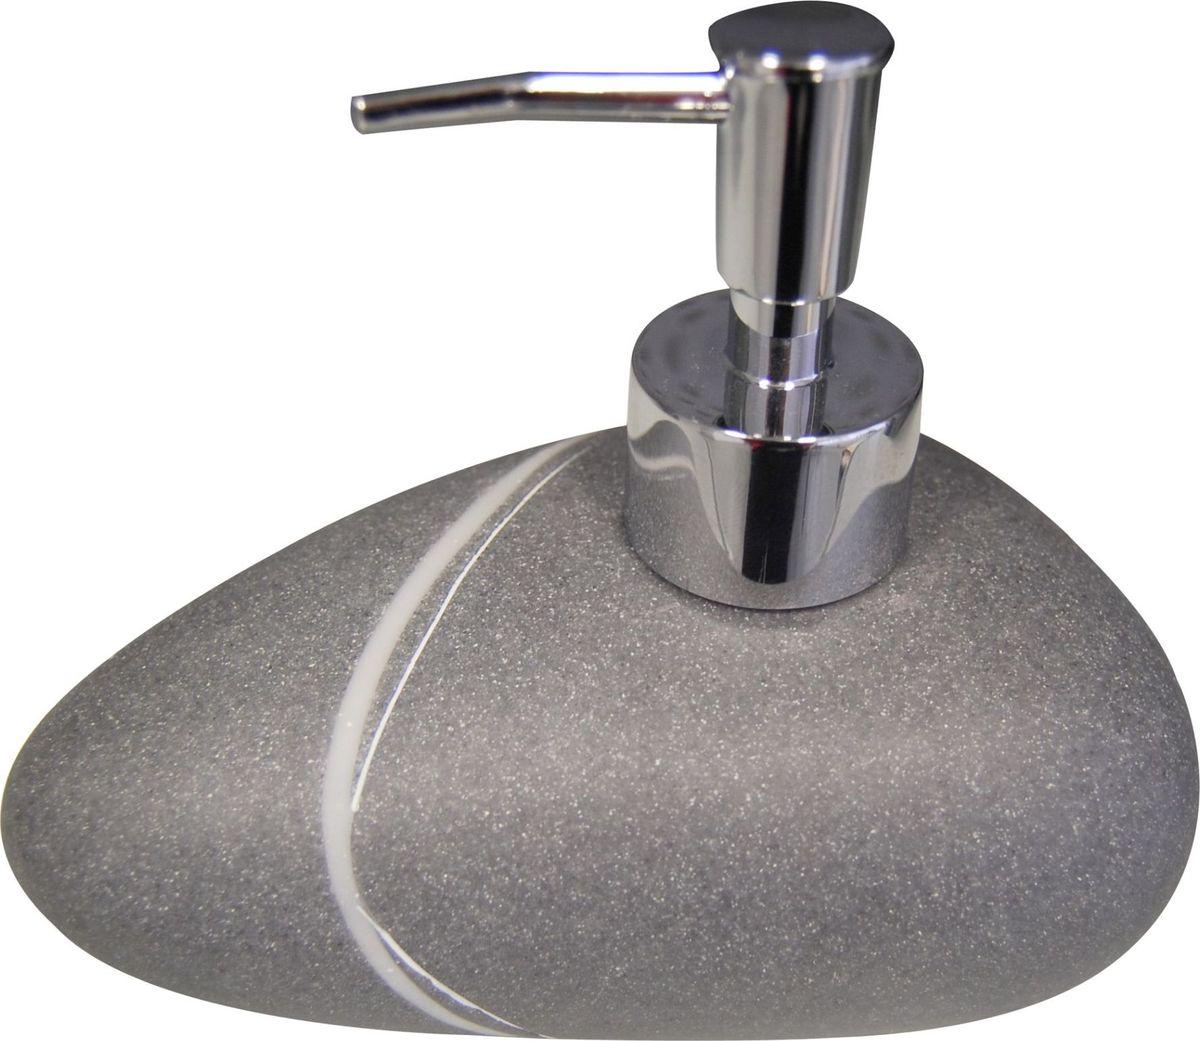 Дозатор для жидкого мыла Ridder Little Rock, цвет: серый22190507Изделия данной серии устойчивы к ультрафиолету, т.к. изготавливаются из полирезины. Экологичная полирезина - это твердый многокомпонентный материал на основе синтетической смолы, с добавлением каменной крошки и красящих пигментов. Объем: 200 мл.